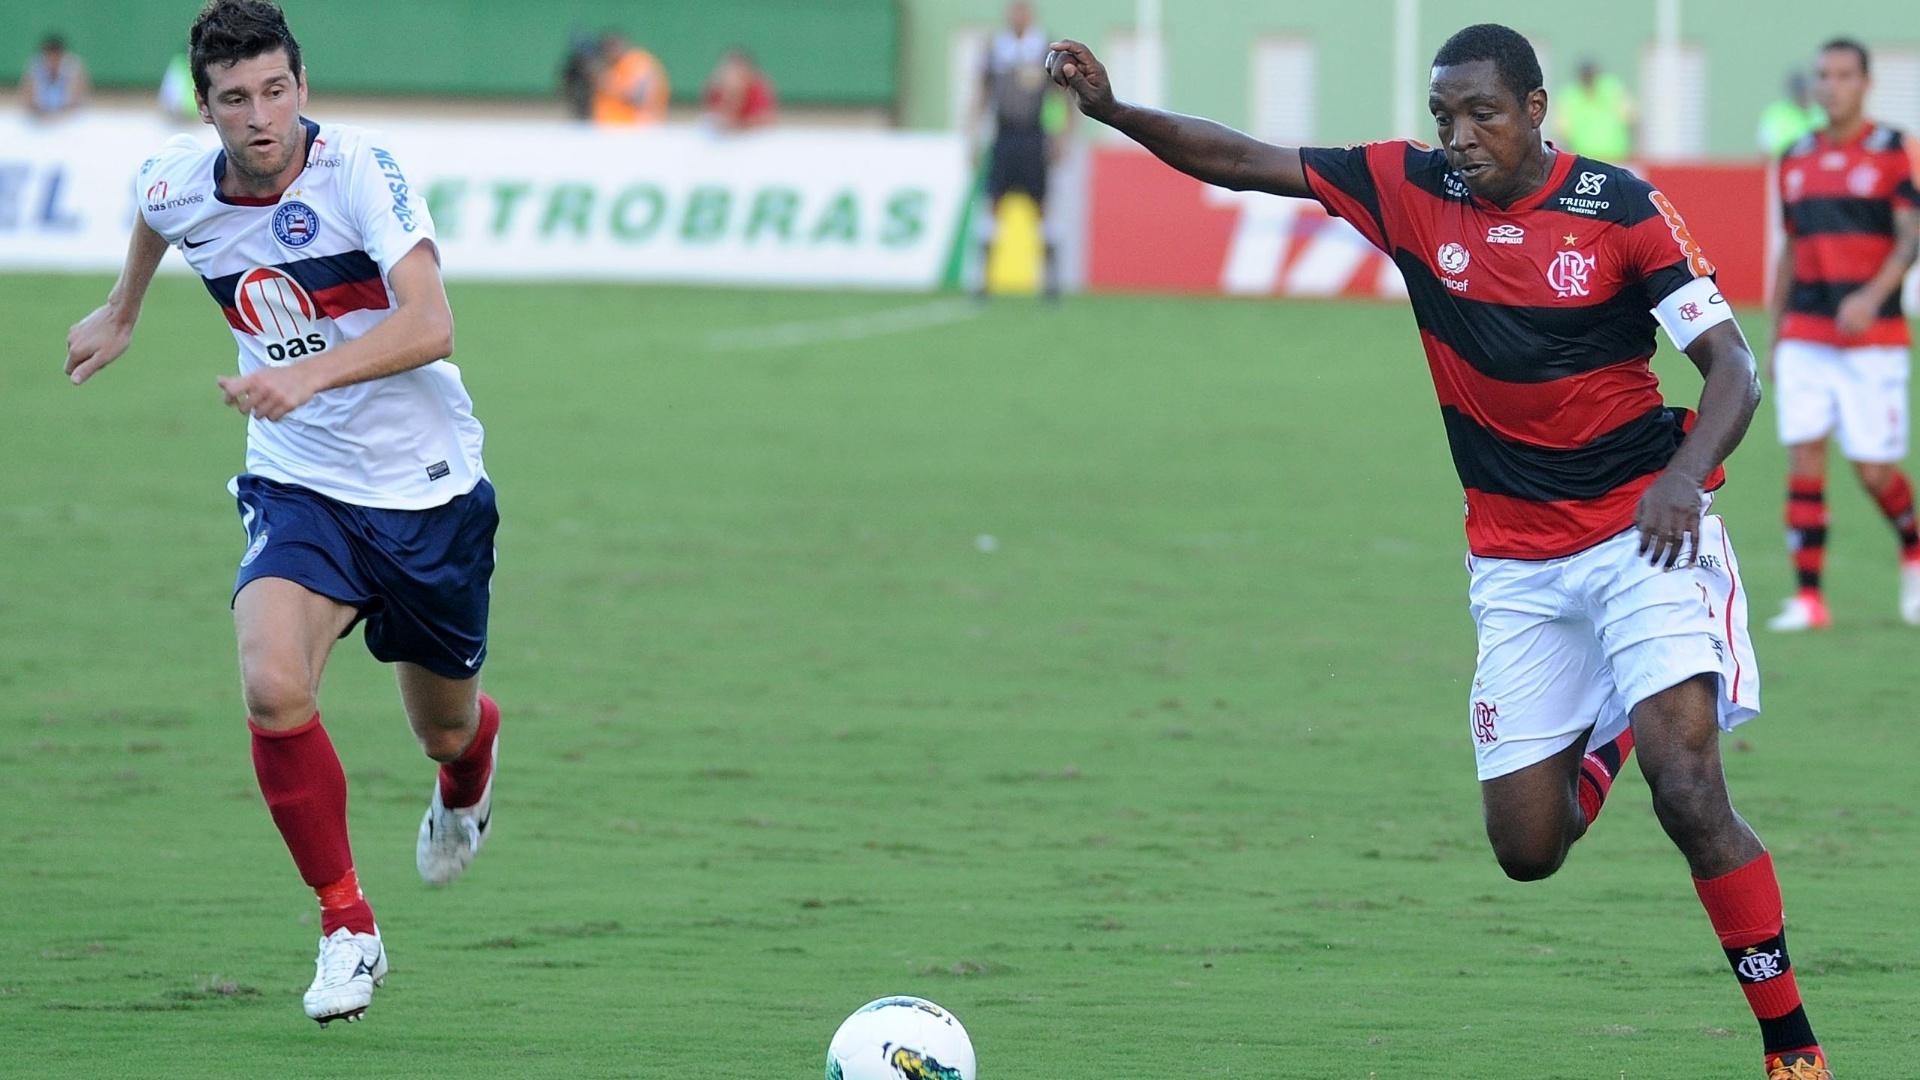 Renato Abreu arrisca o chute em partida do Flamengo contra o Bahia